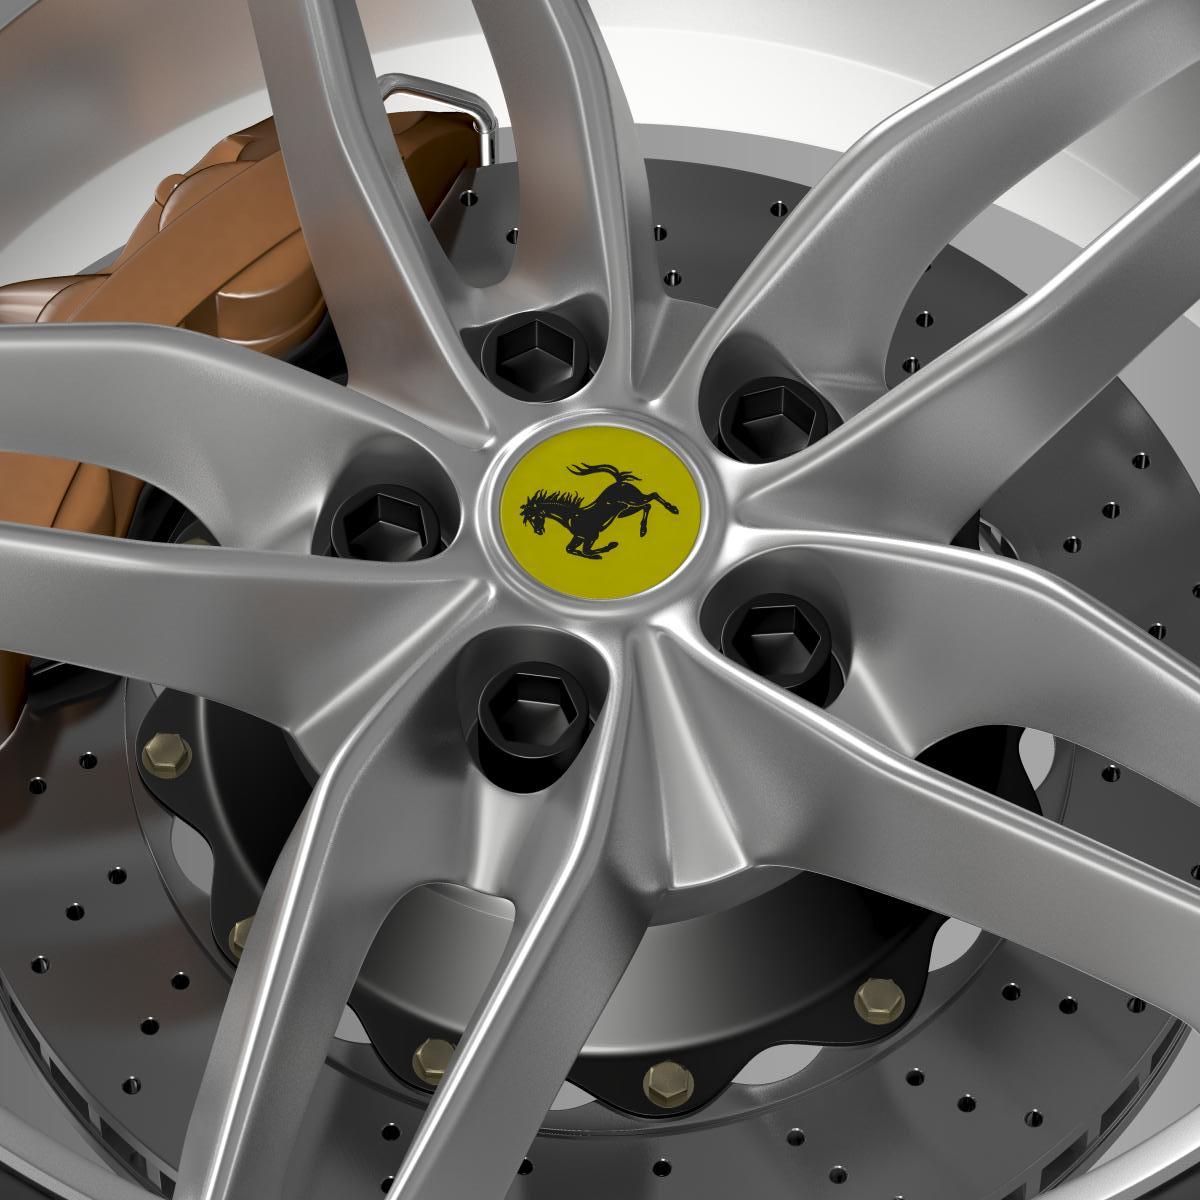 ferrari 488 gtb 2015 wheel 3d model 3ds max fbx c4d lwo ma mb hrc xsi obj 210687